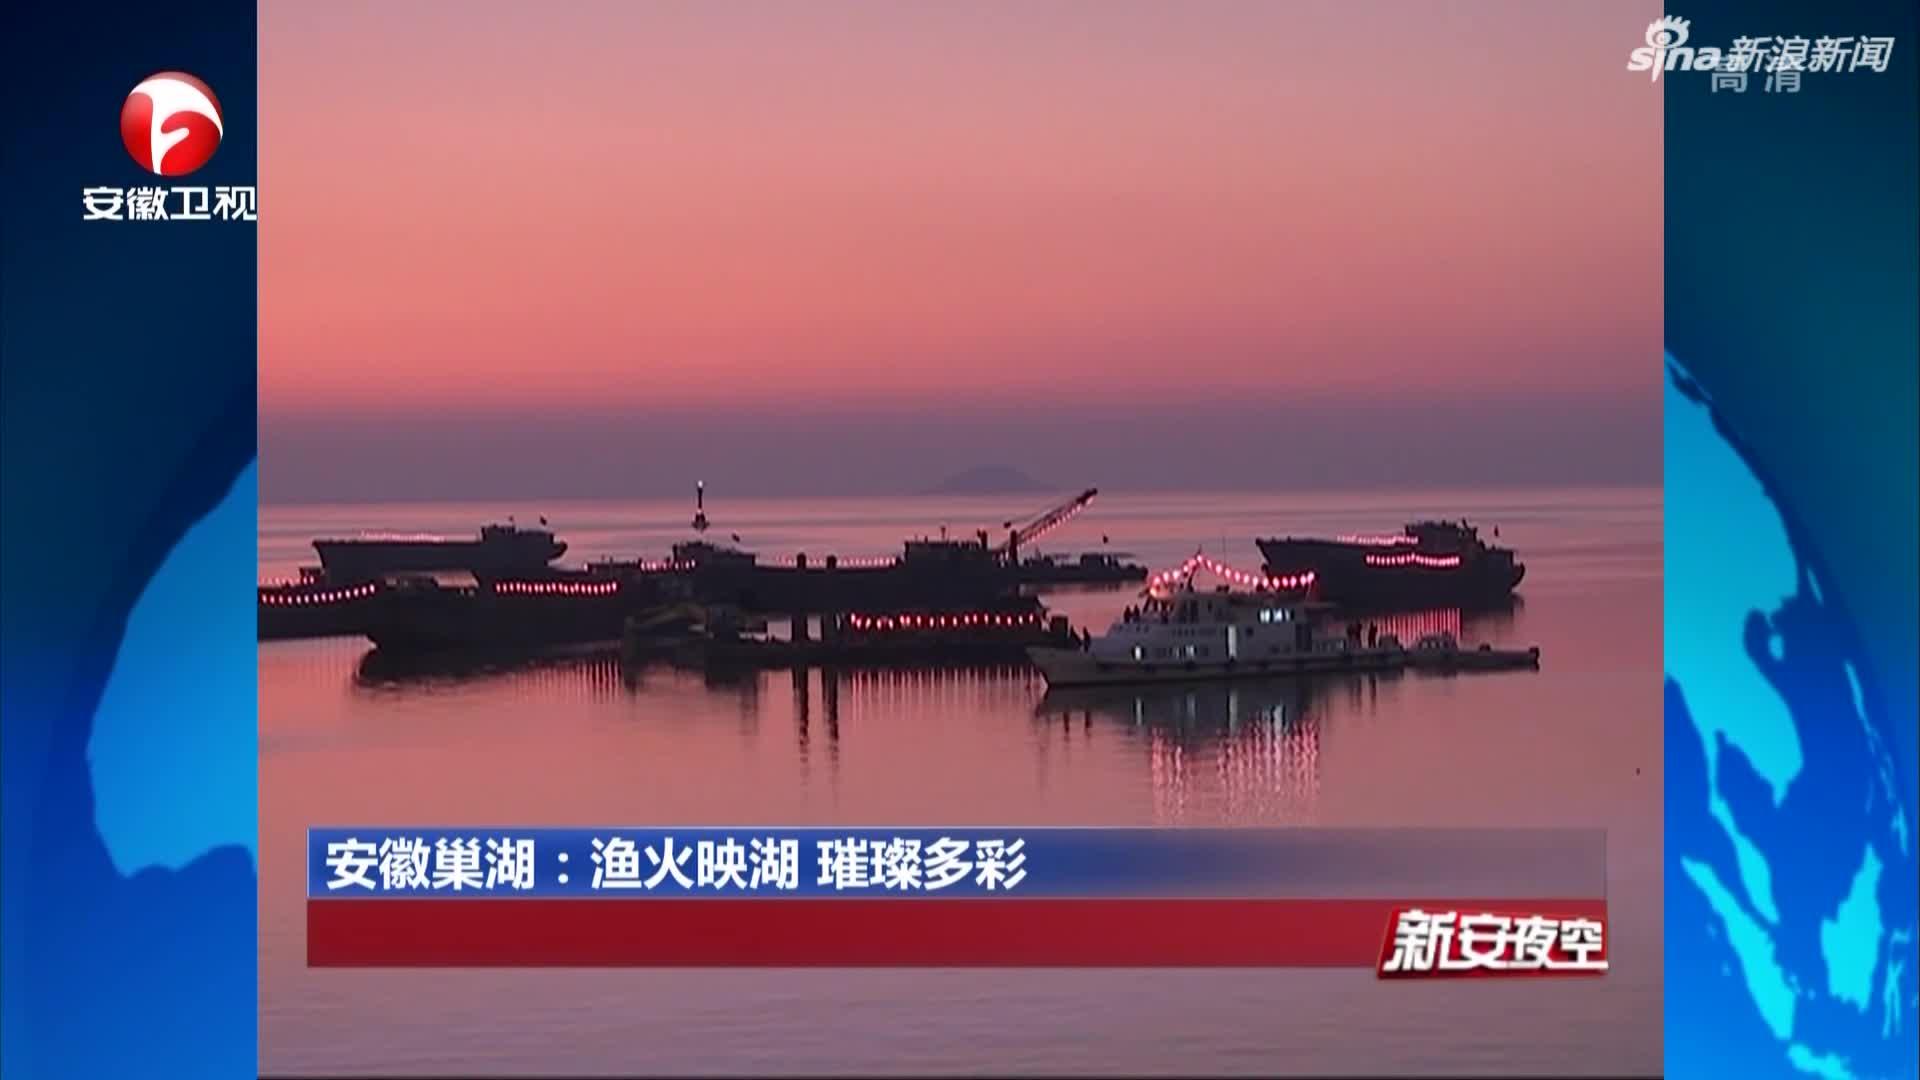 《新安夜空》安徽巢湖:渔火映湖  璀璨多彩